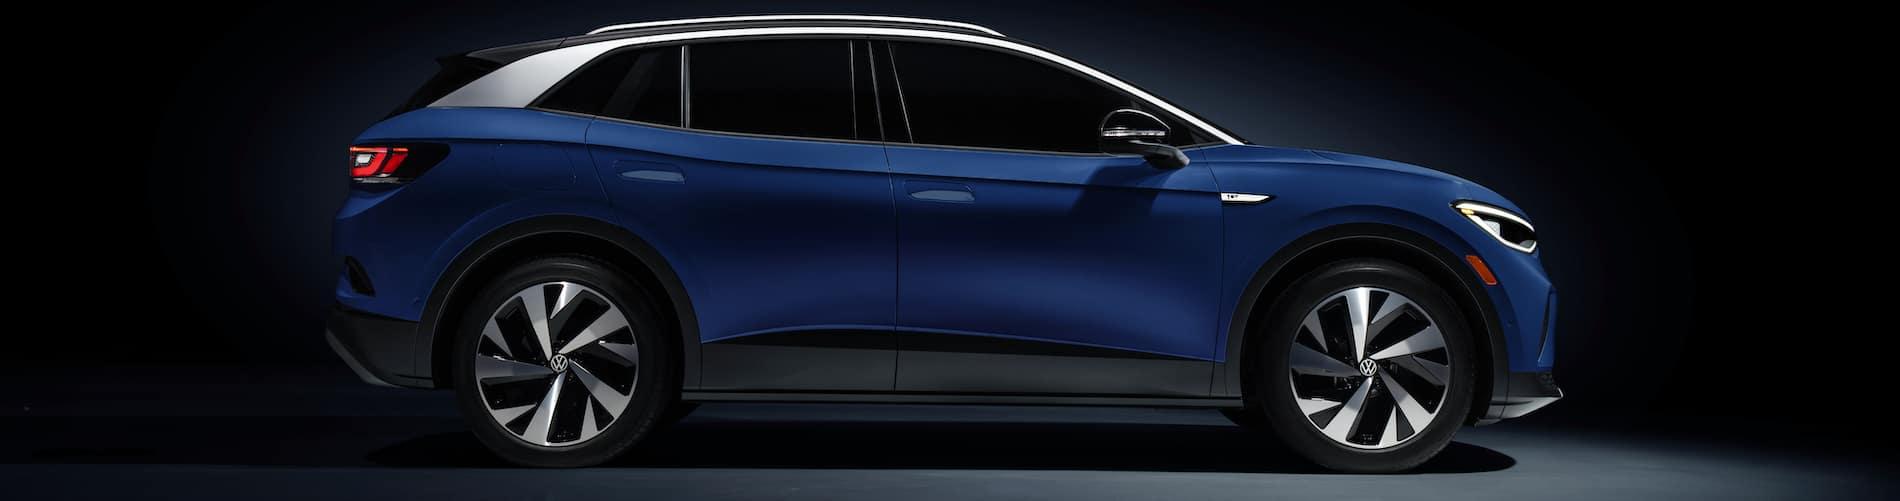 Volkswagen ID.4 Blue